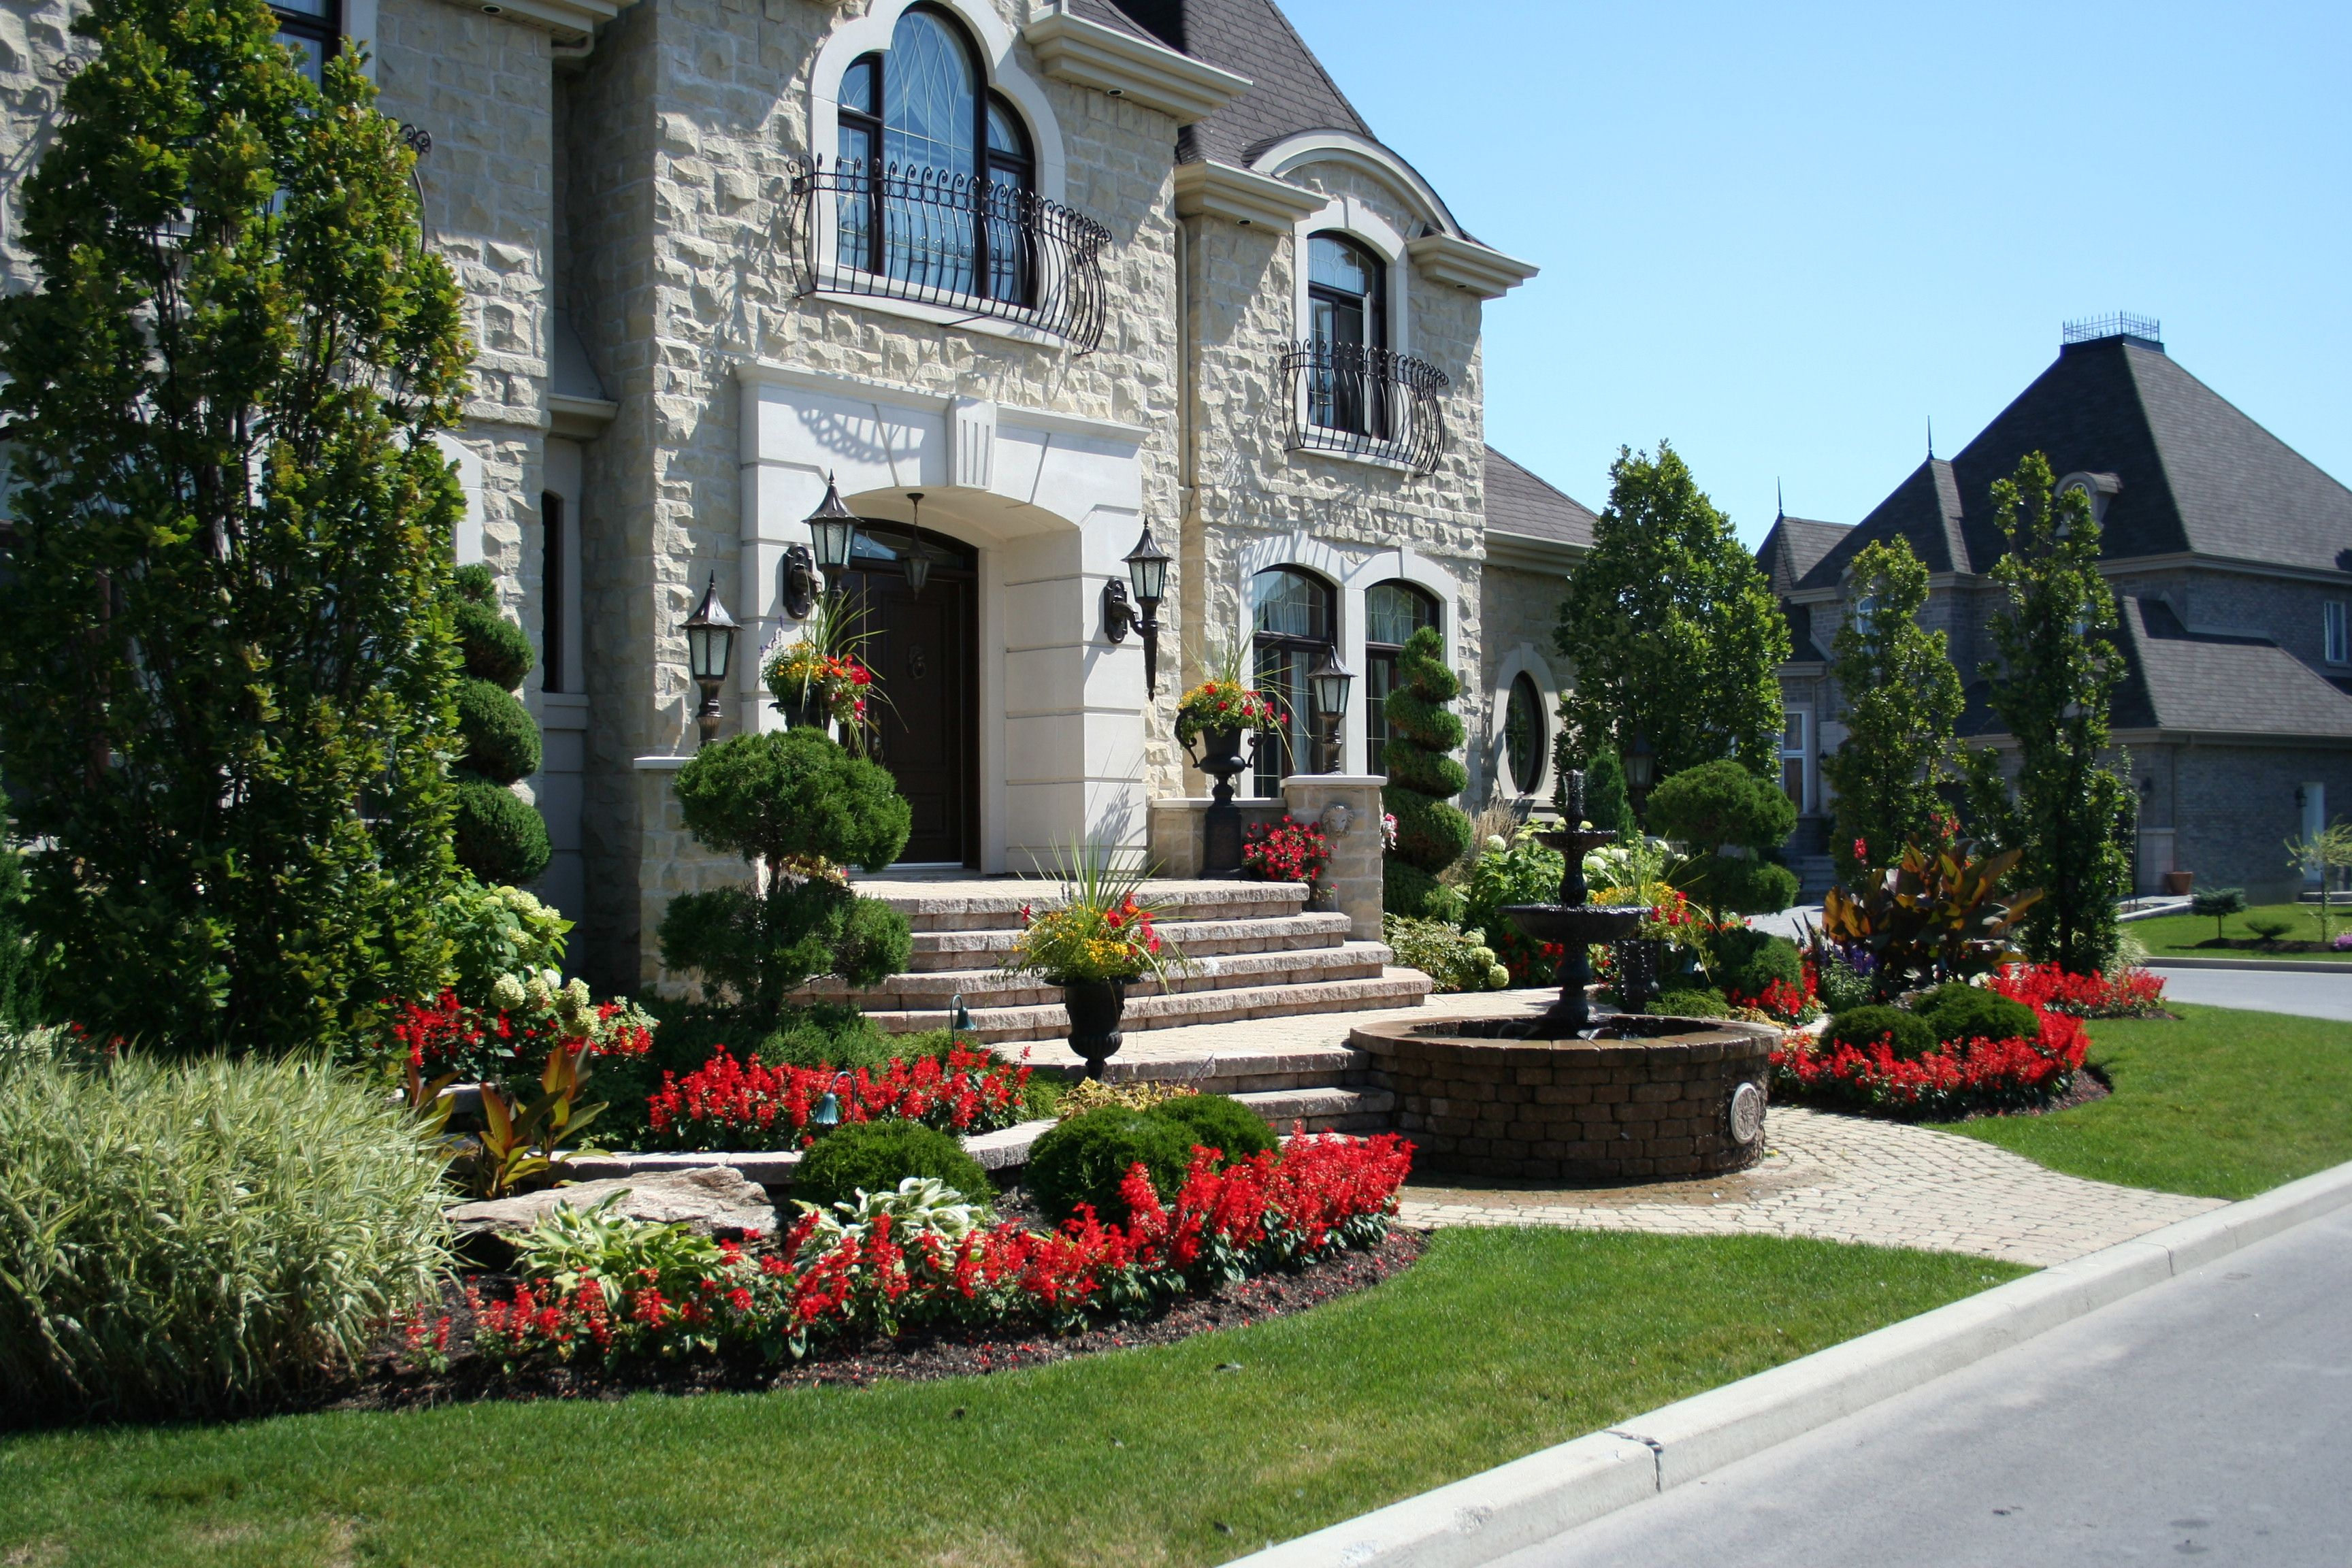 am nagement d 39 une fa ade de maison plantation de vivaces et d 39 arbustes ornementaux fontaine. Black Bedroom Furniture Sets. Home Design Ideas